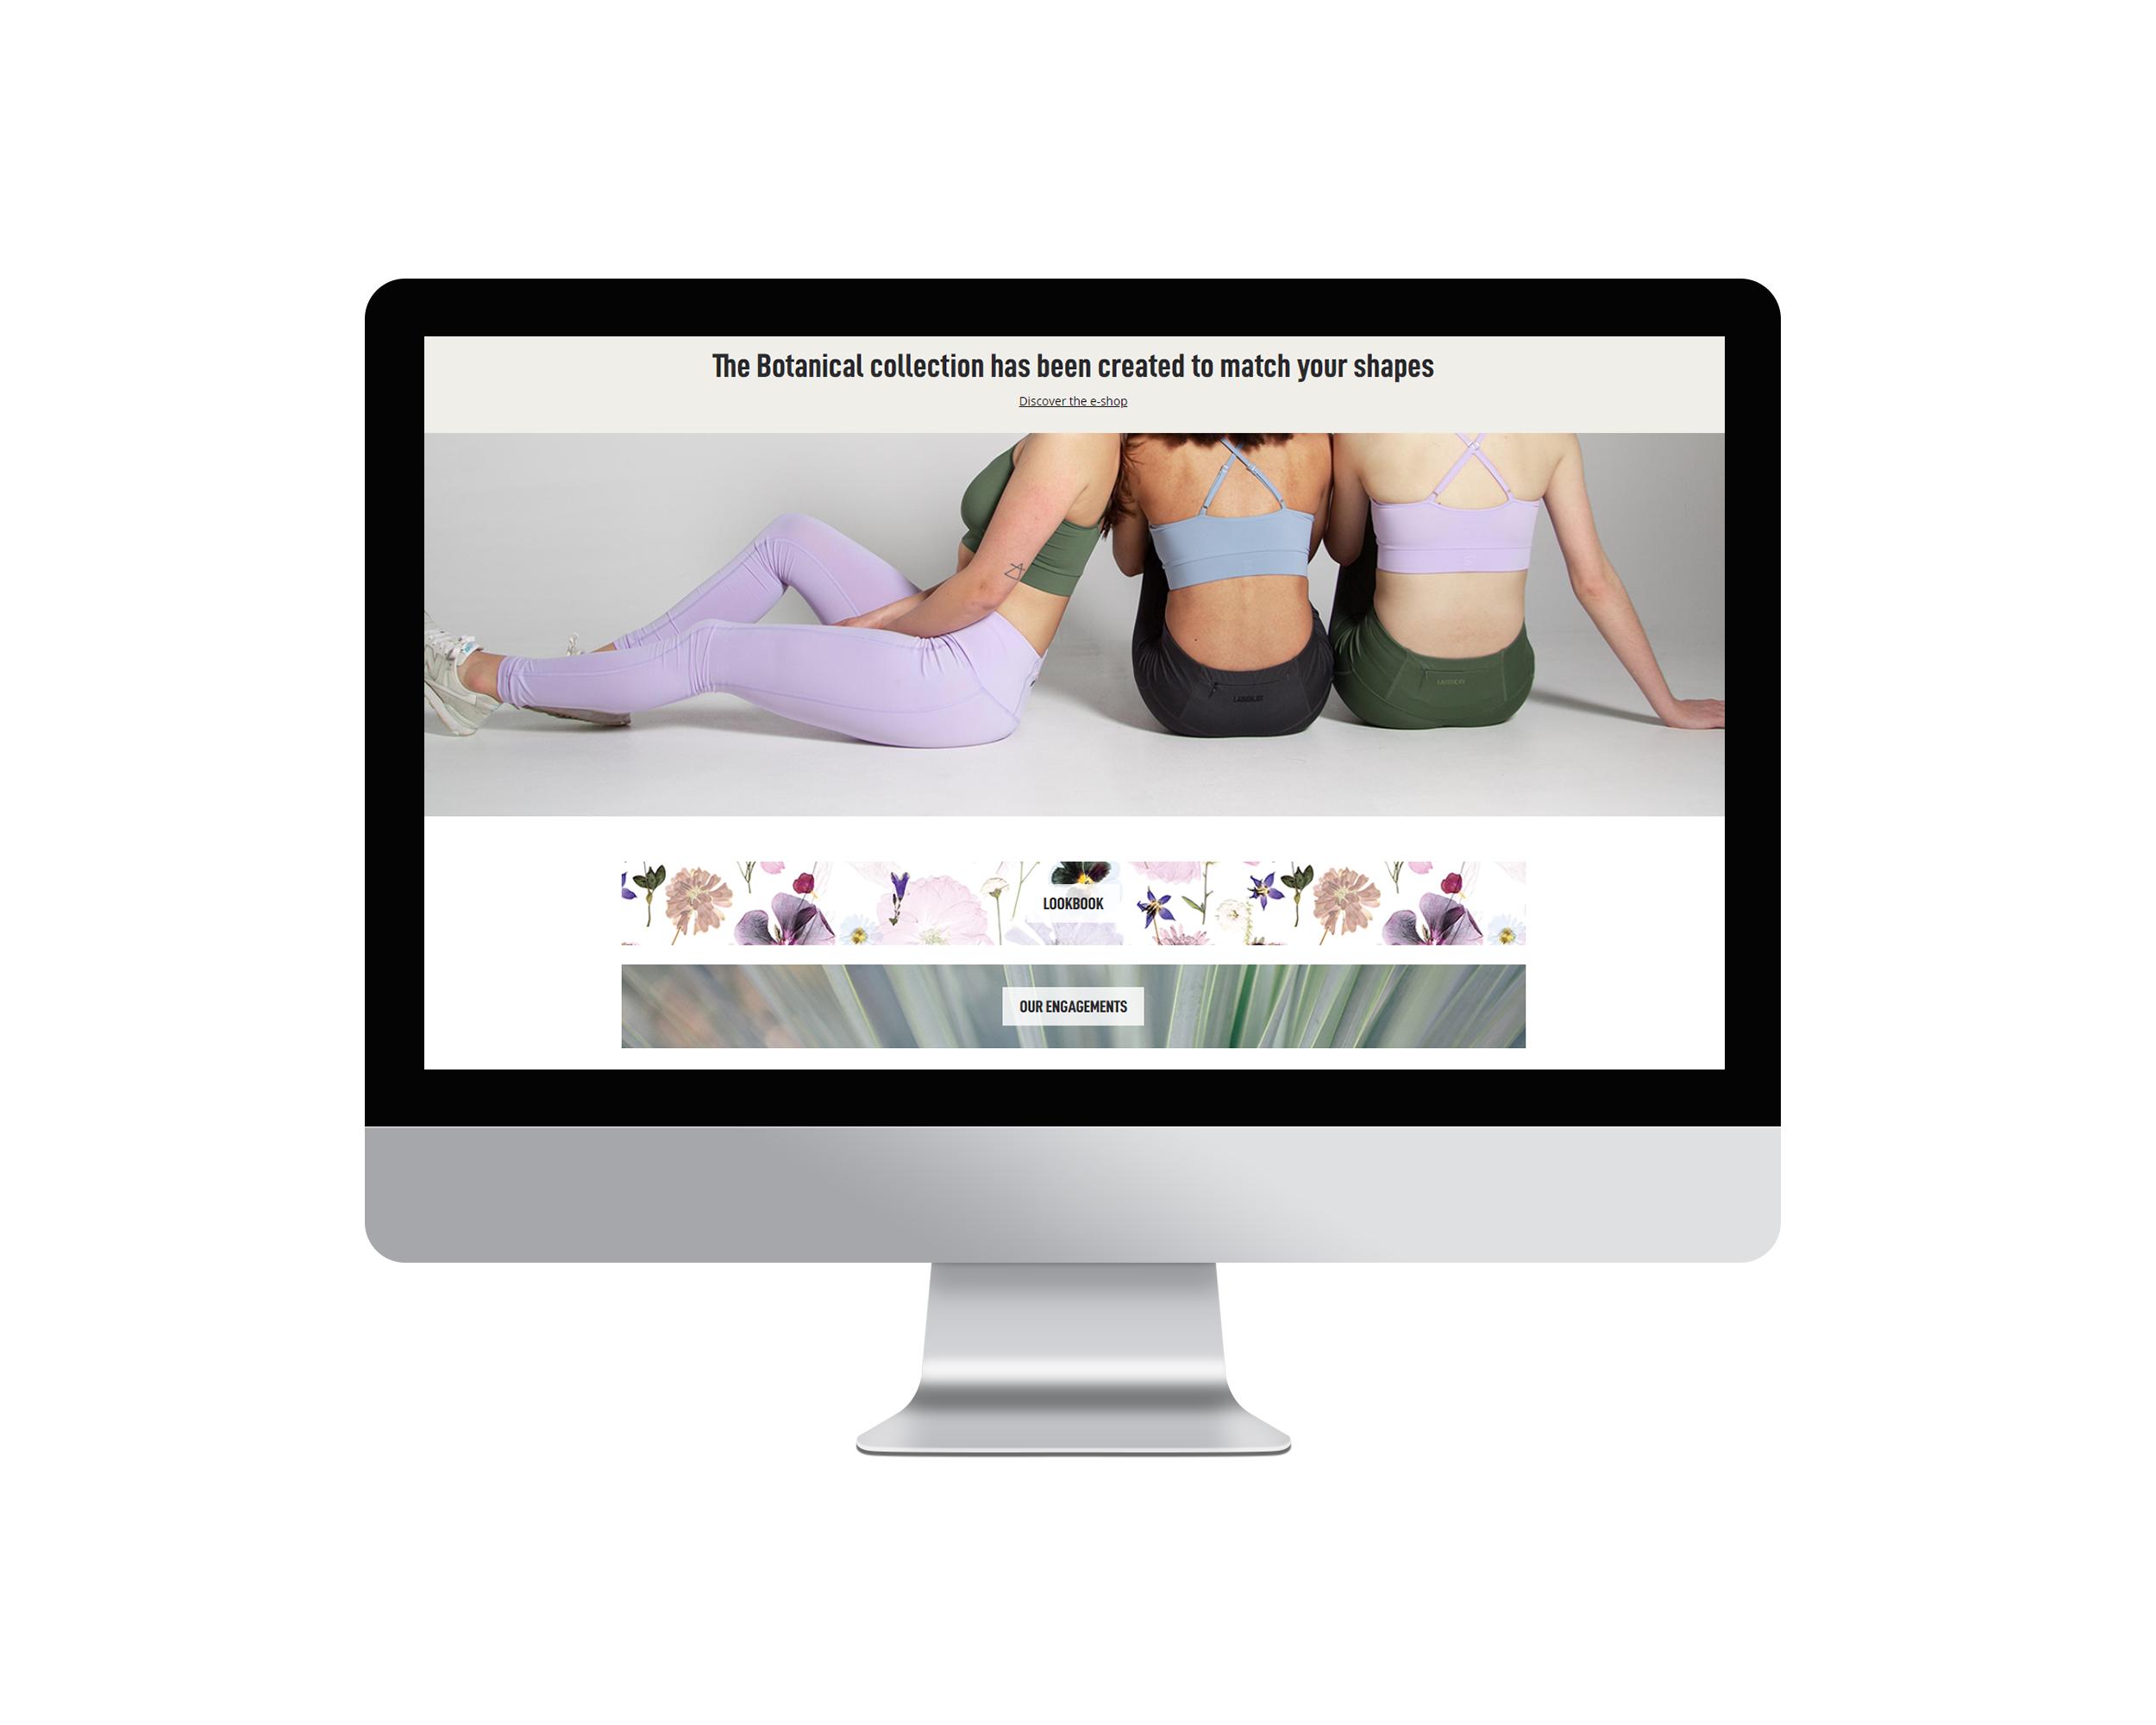 L'image représente des mockups du site web de Masspin Studio